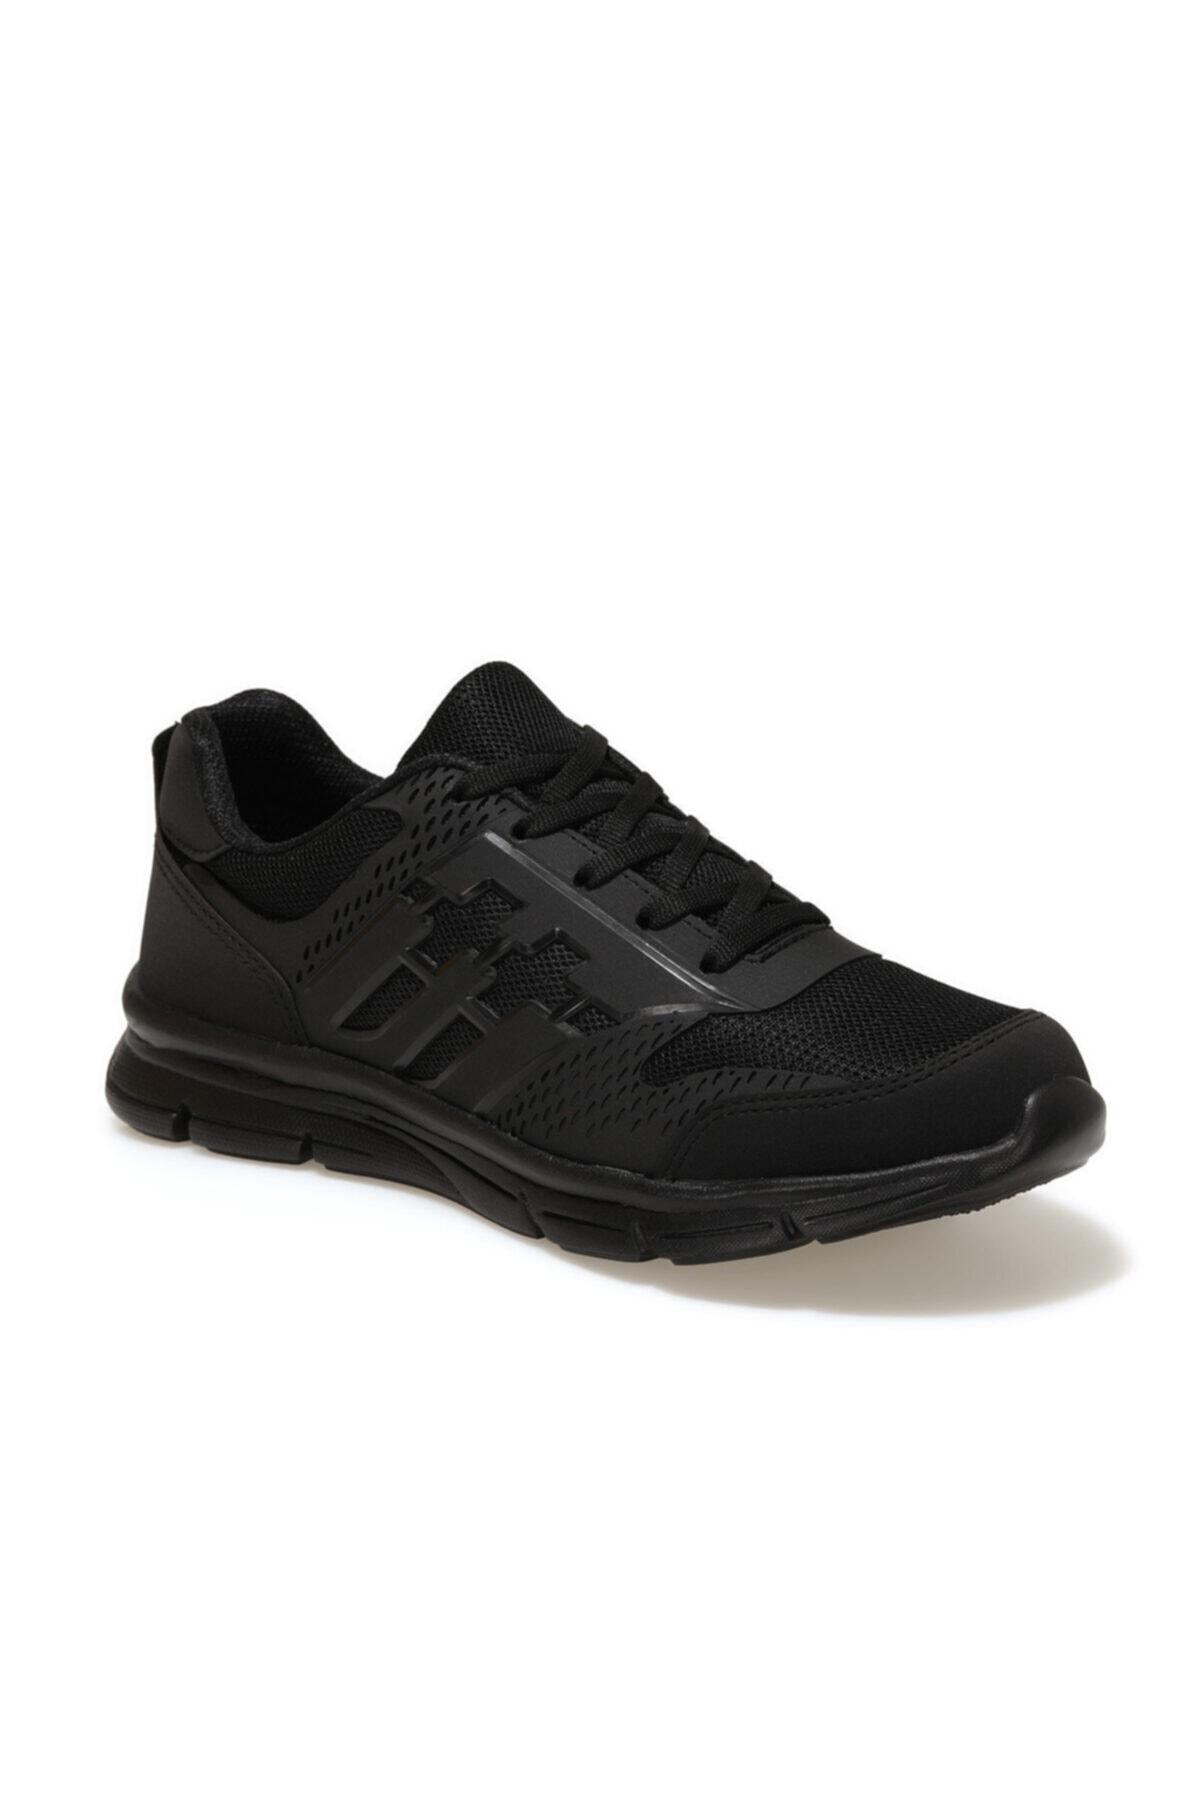 356071.m1fx Siyah Erkek Casual Ayakkabı